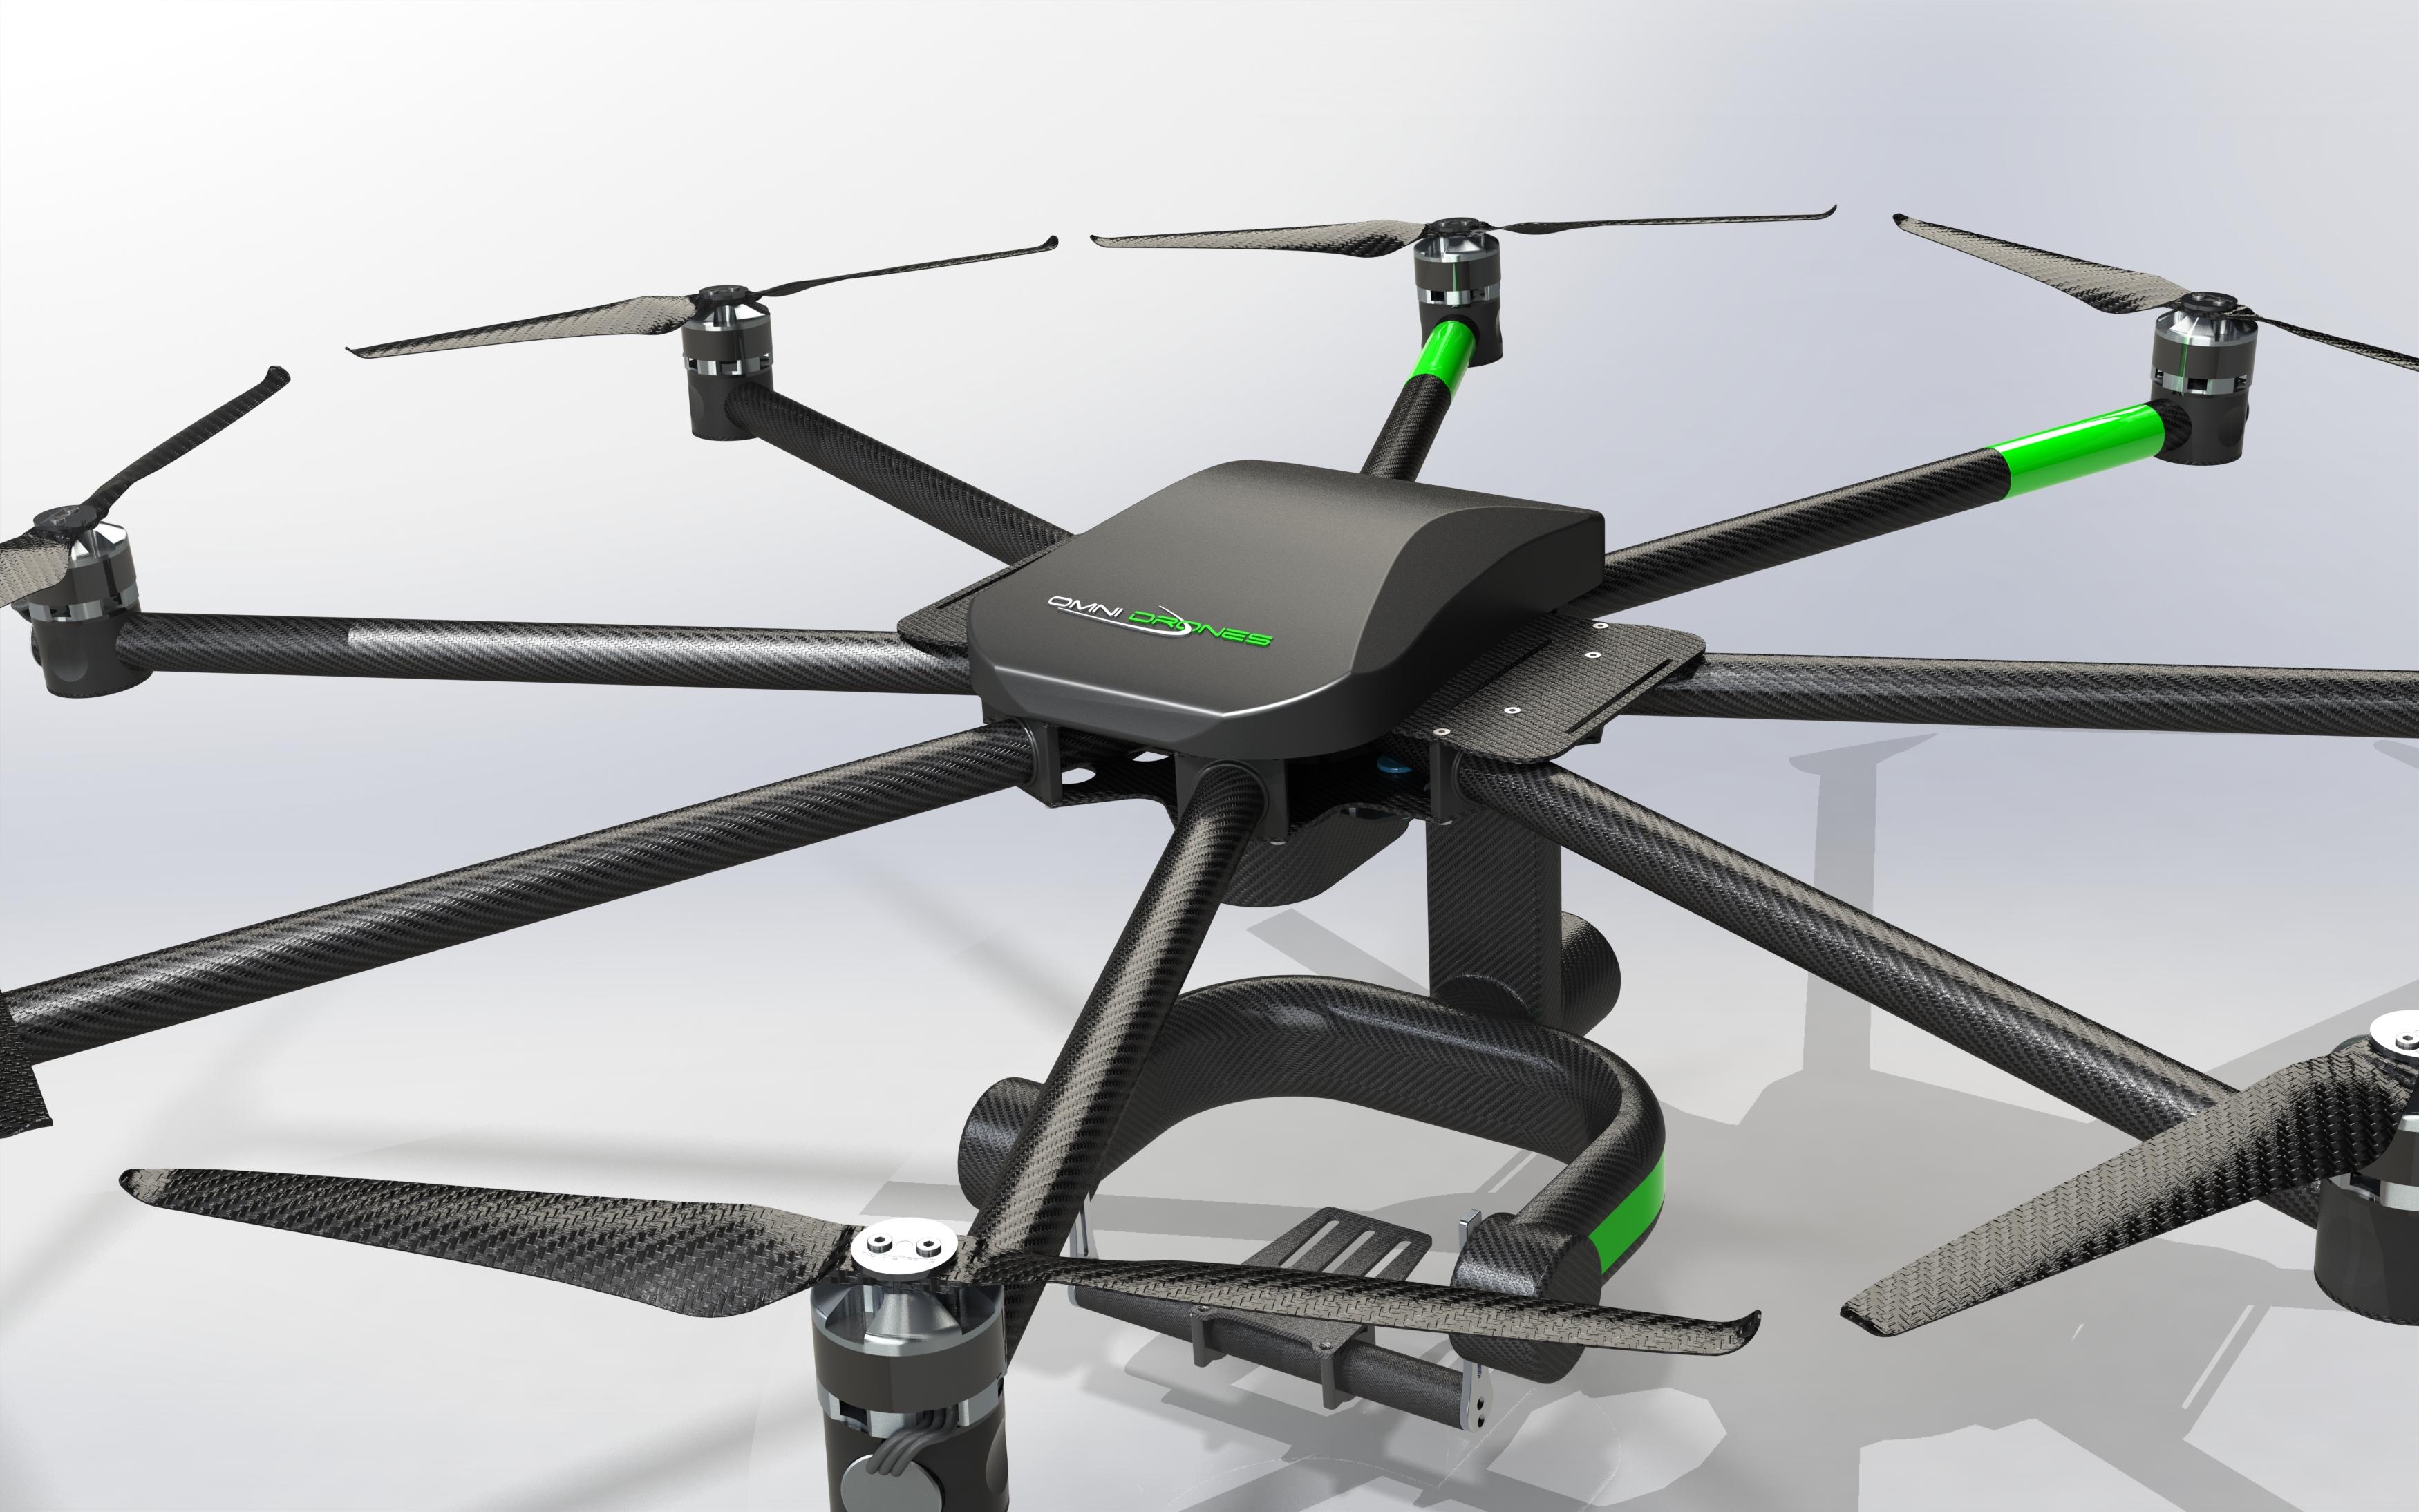 octocopter-boven.JPG